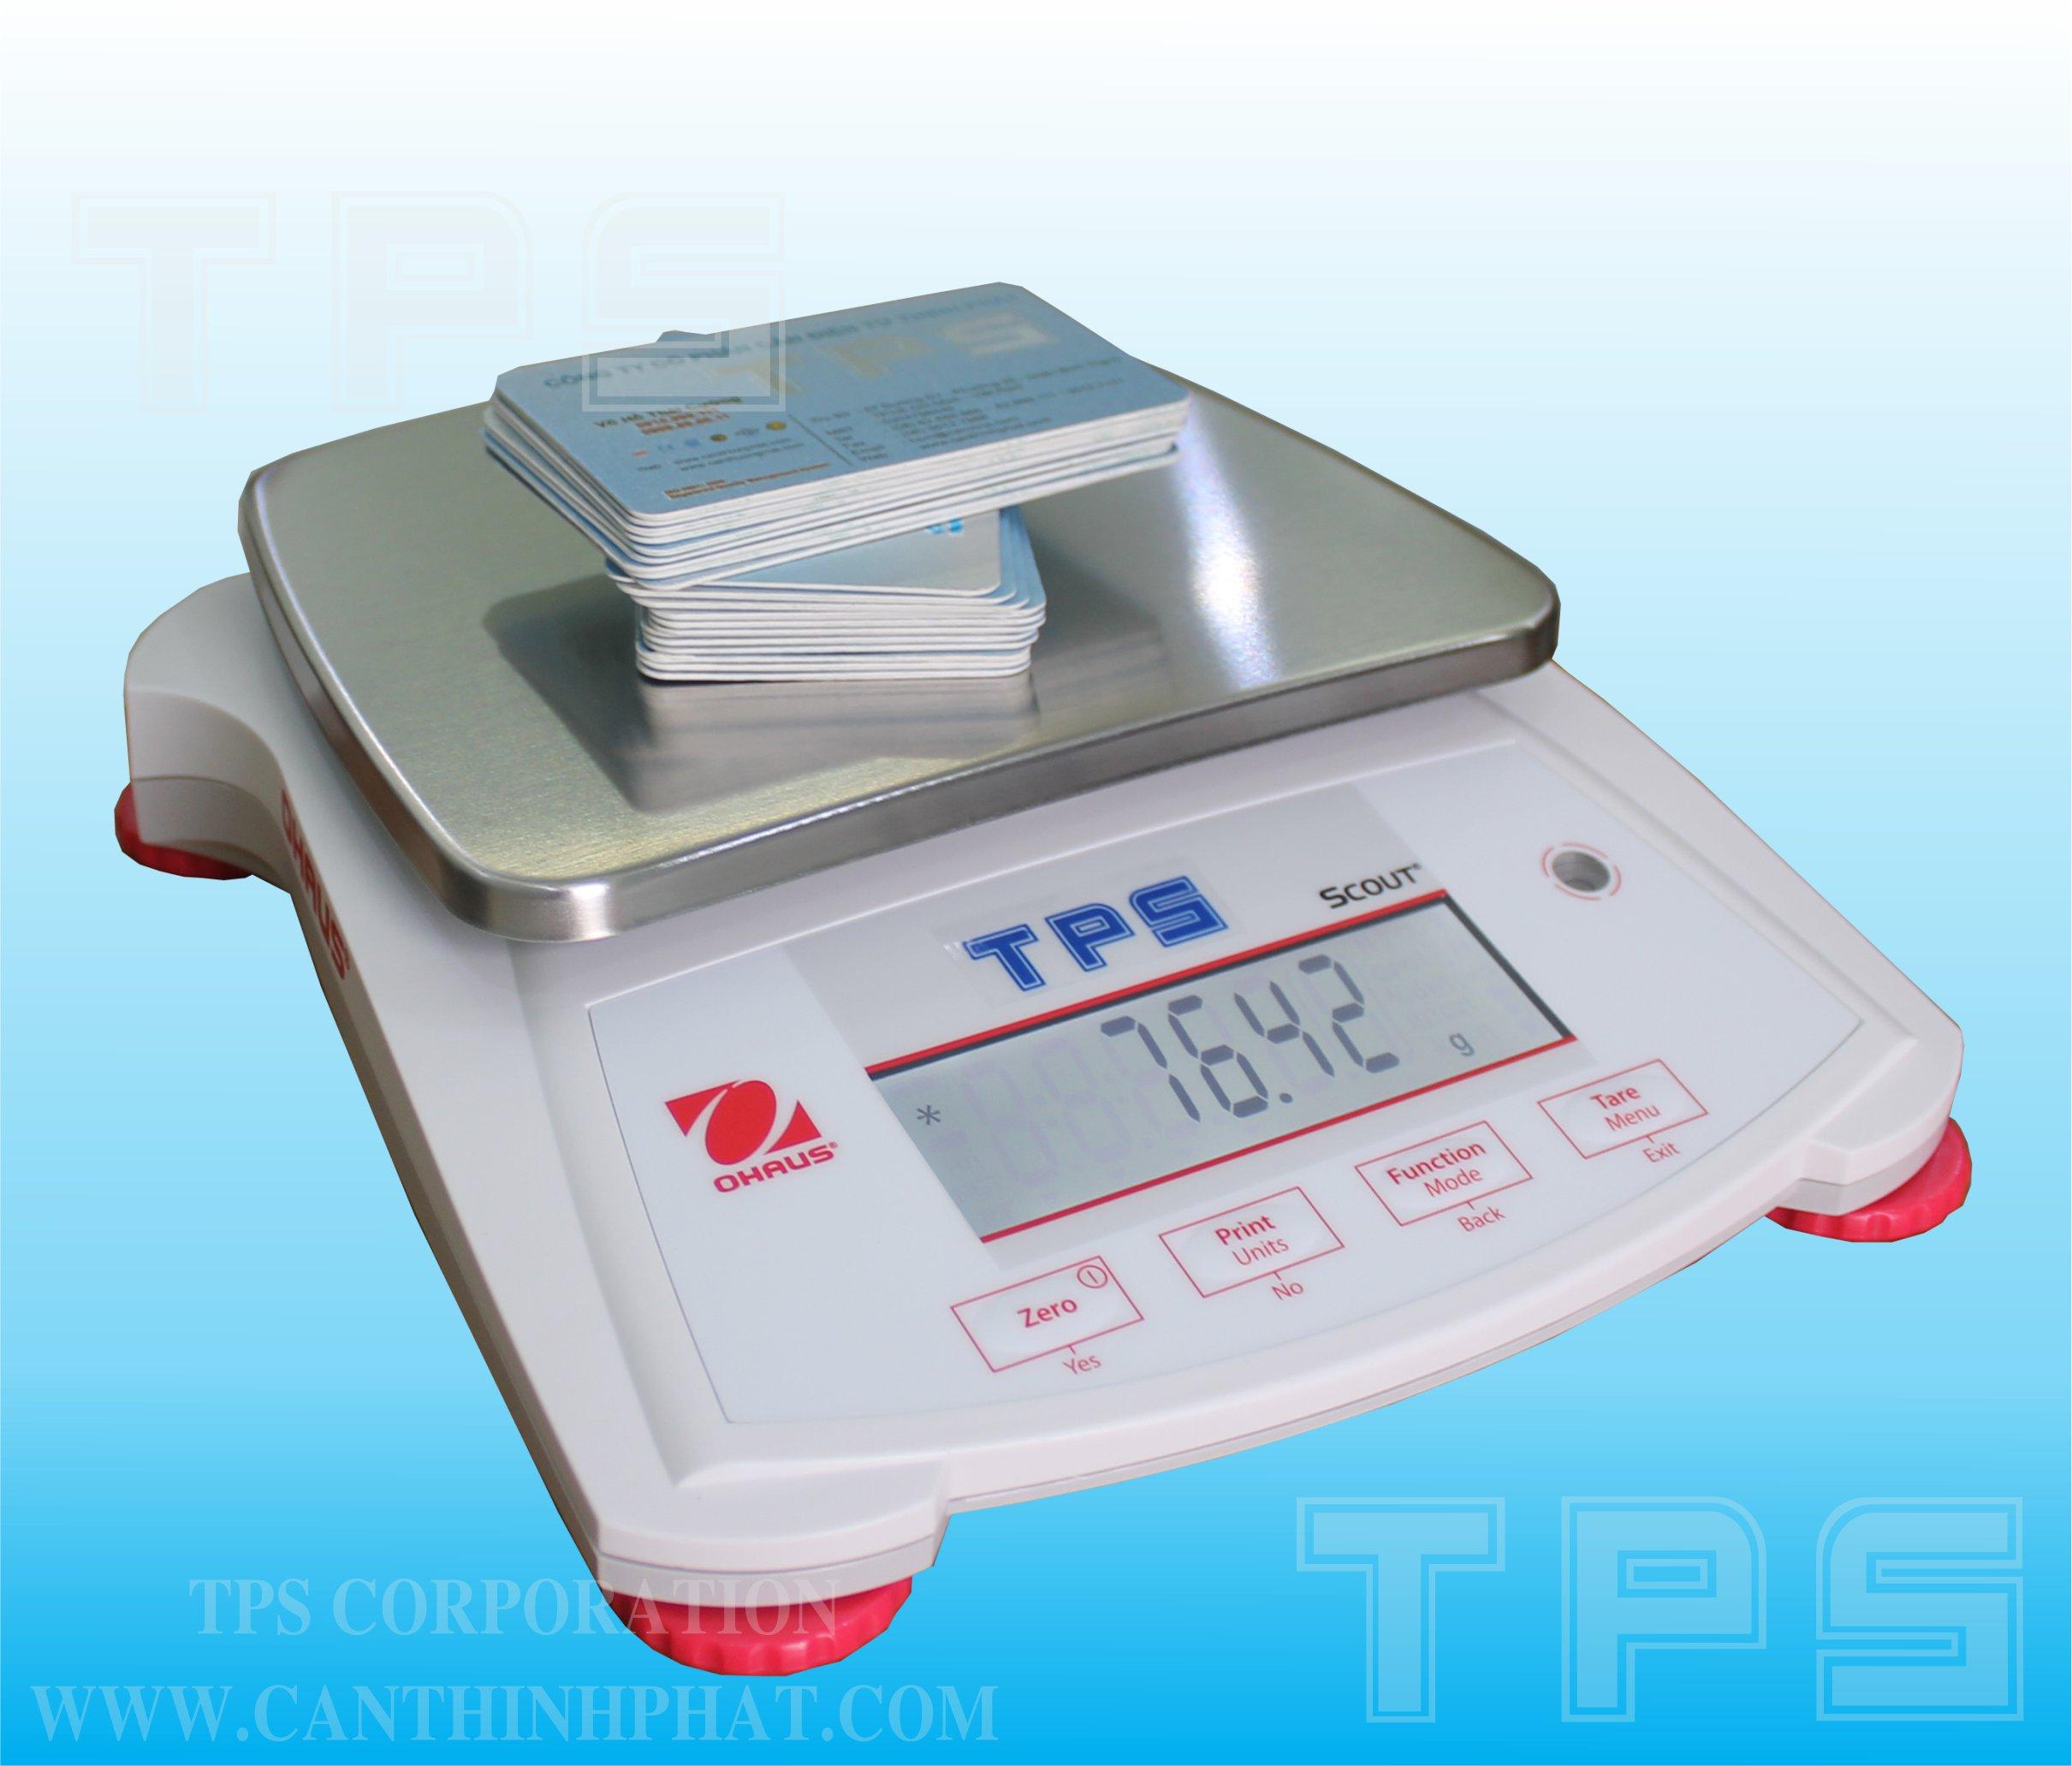 SPX2202-2200g/0.01g - 774